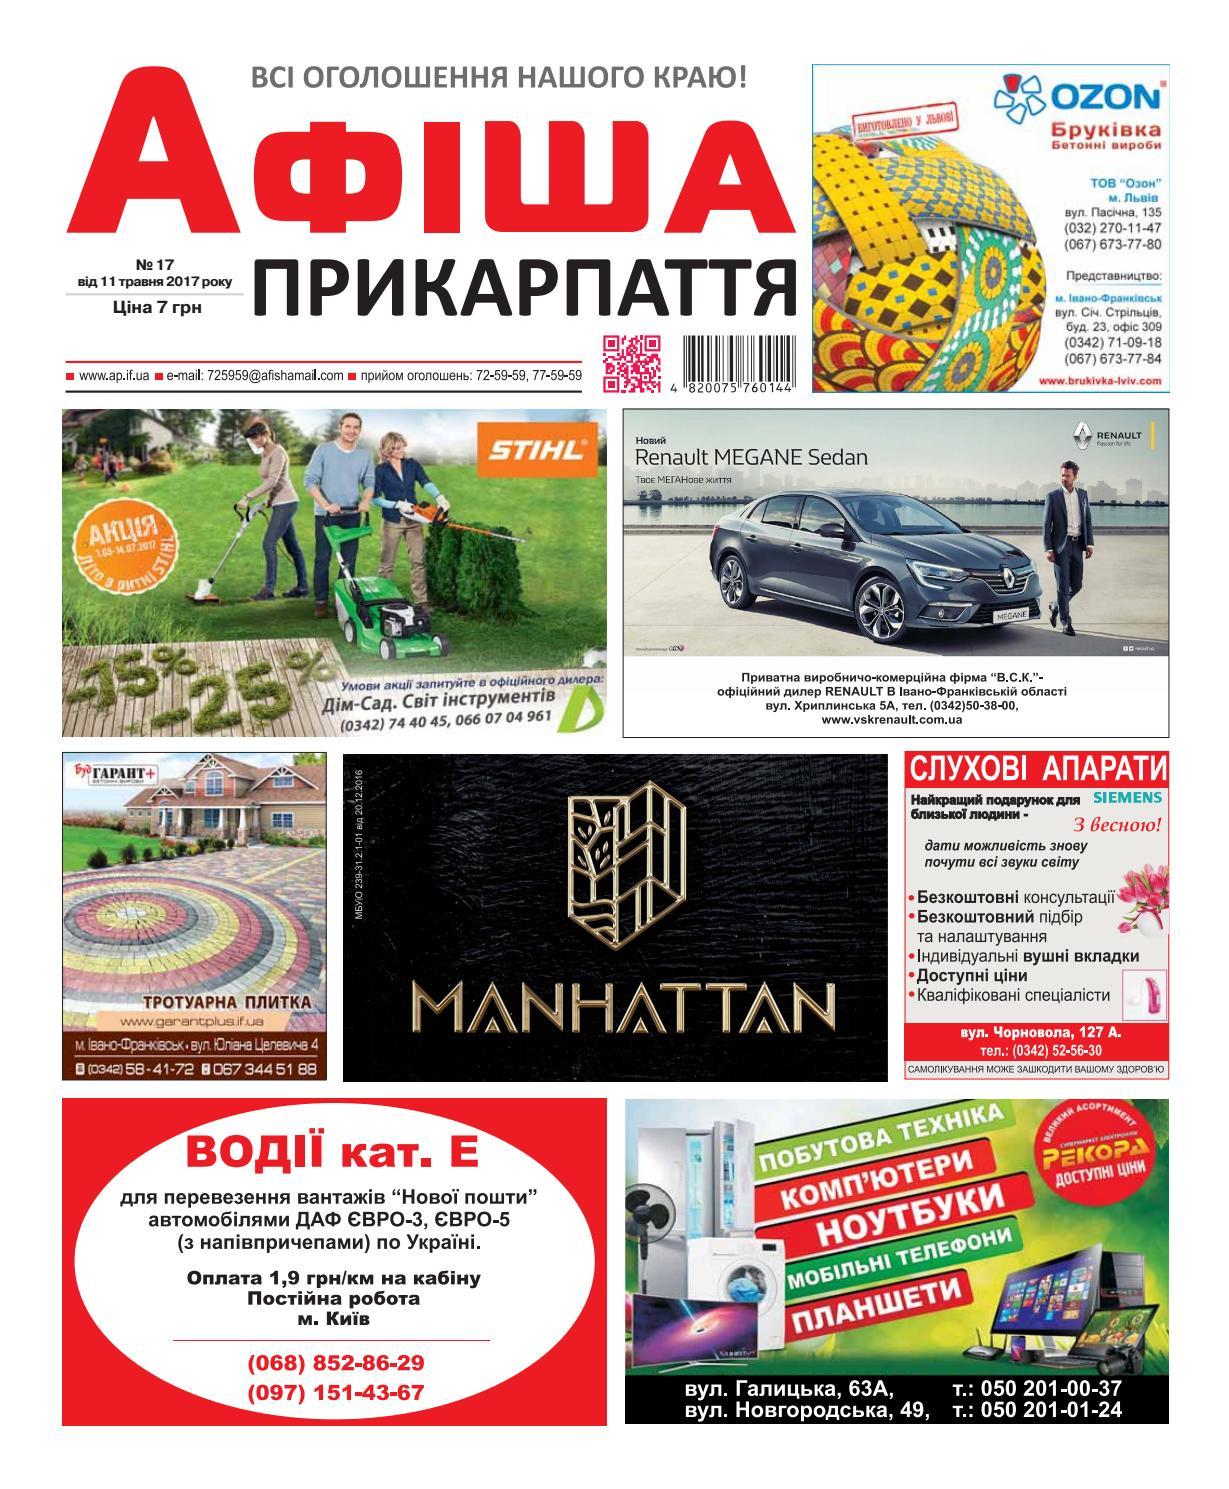 Афіша Прикарпаття 17 by Olya Olya - issuu be81bb775729c